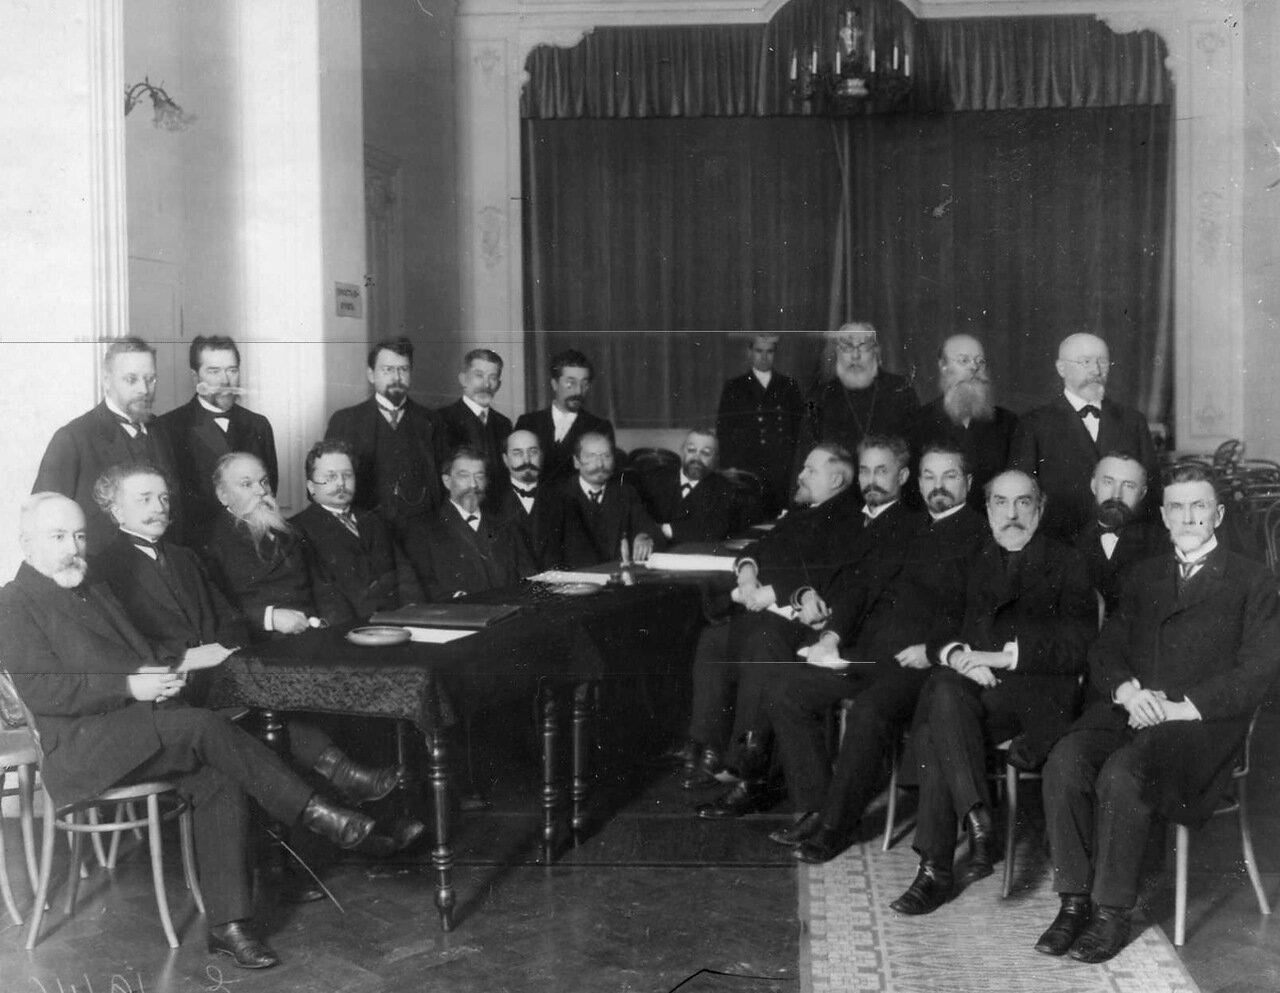 26. Группа в зале аэроклуба во время съезда профессоров. 1910-1912